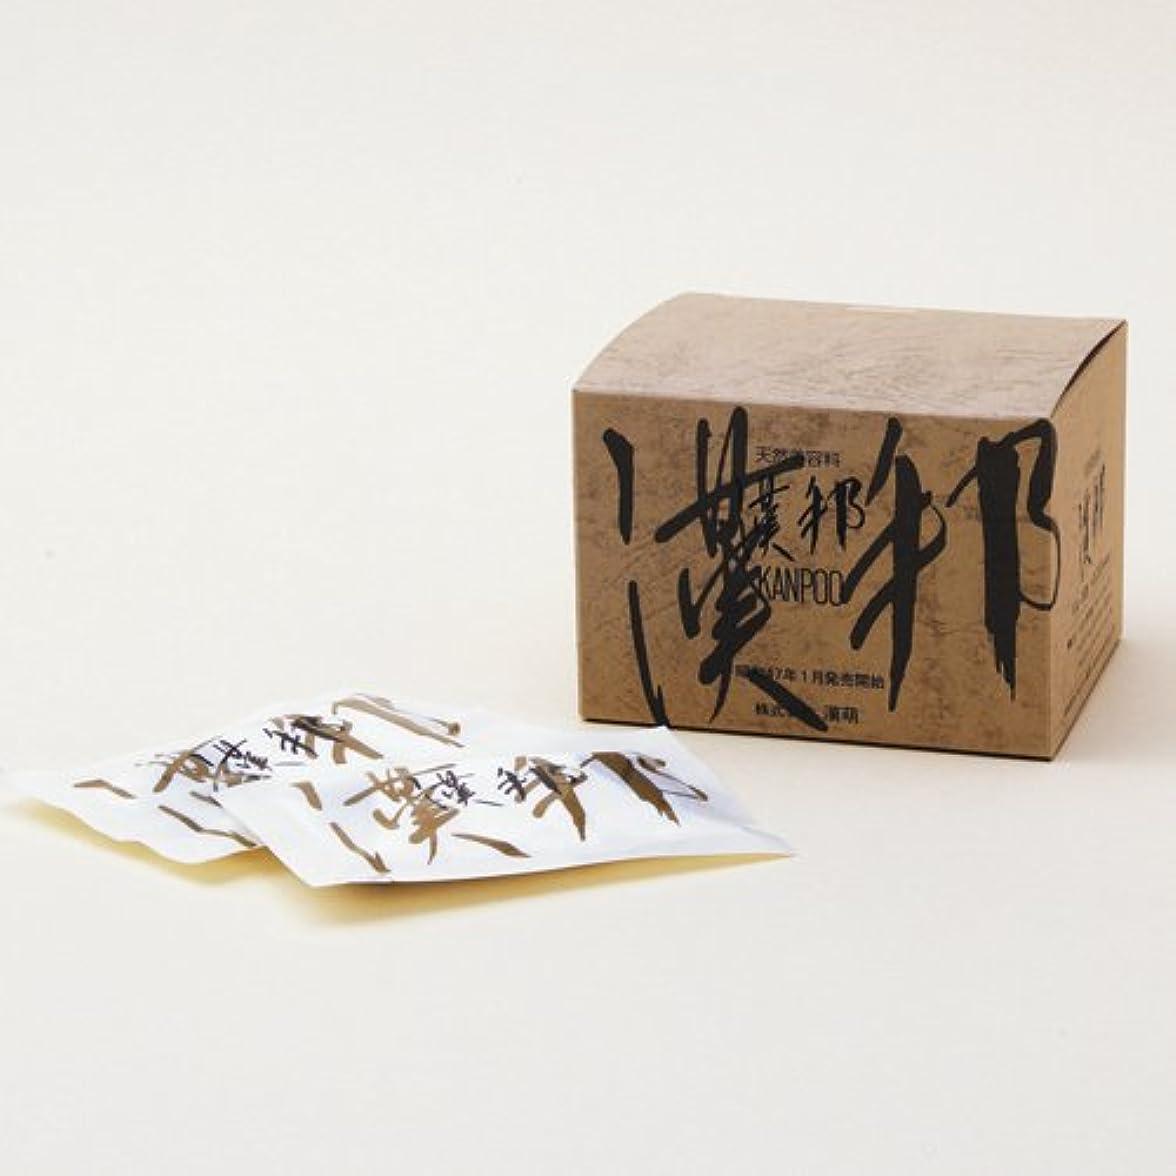 硬化するミスペンド週間漢萌(KANPOO) 漢邦ぬか袋(全肌活肌料) 熟成12年 10g×16袋